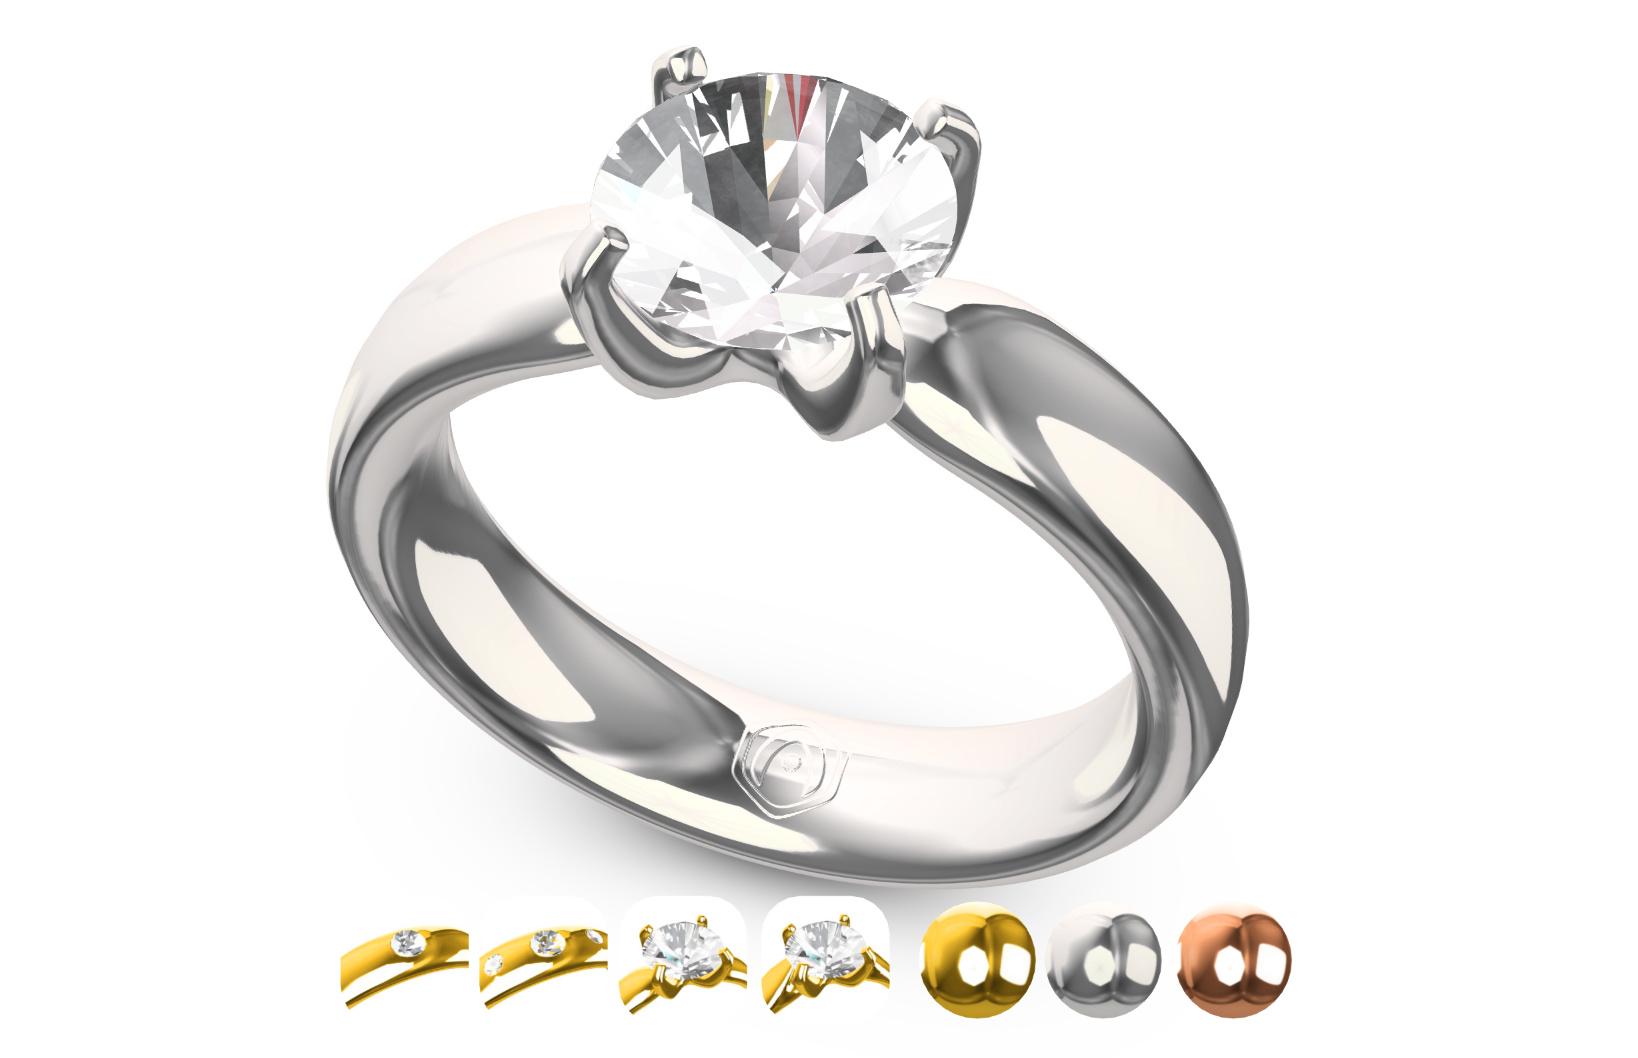 Verge3D珠宝配置